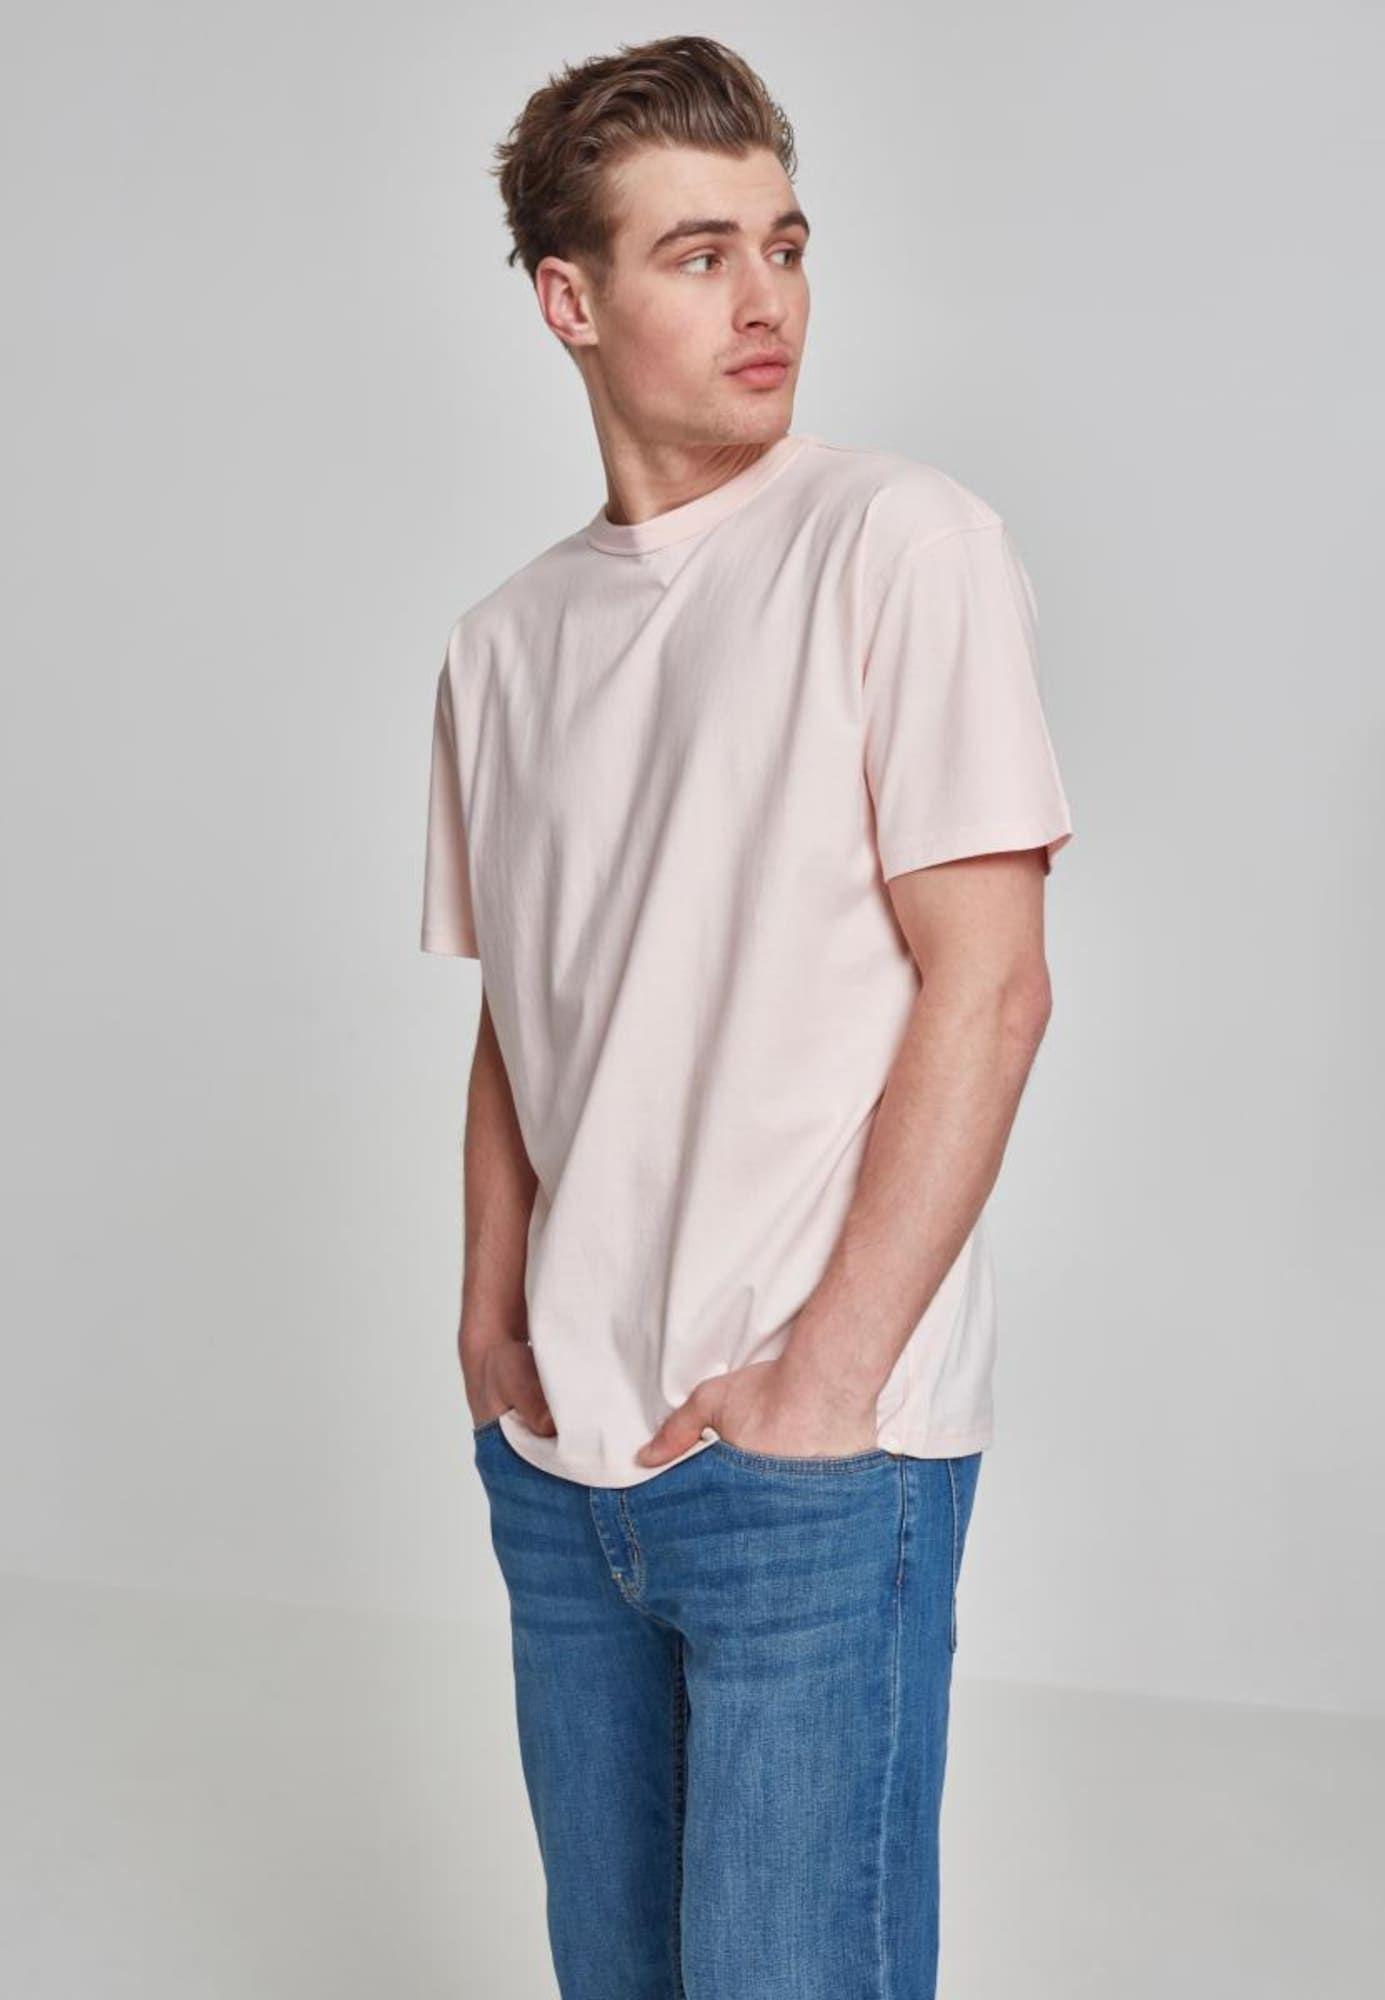 Urban Classics T Shirt Herren Altrosa Grosse L Mit Bildern Shirts T Shirt